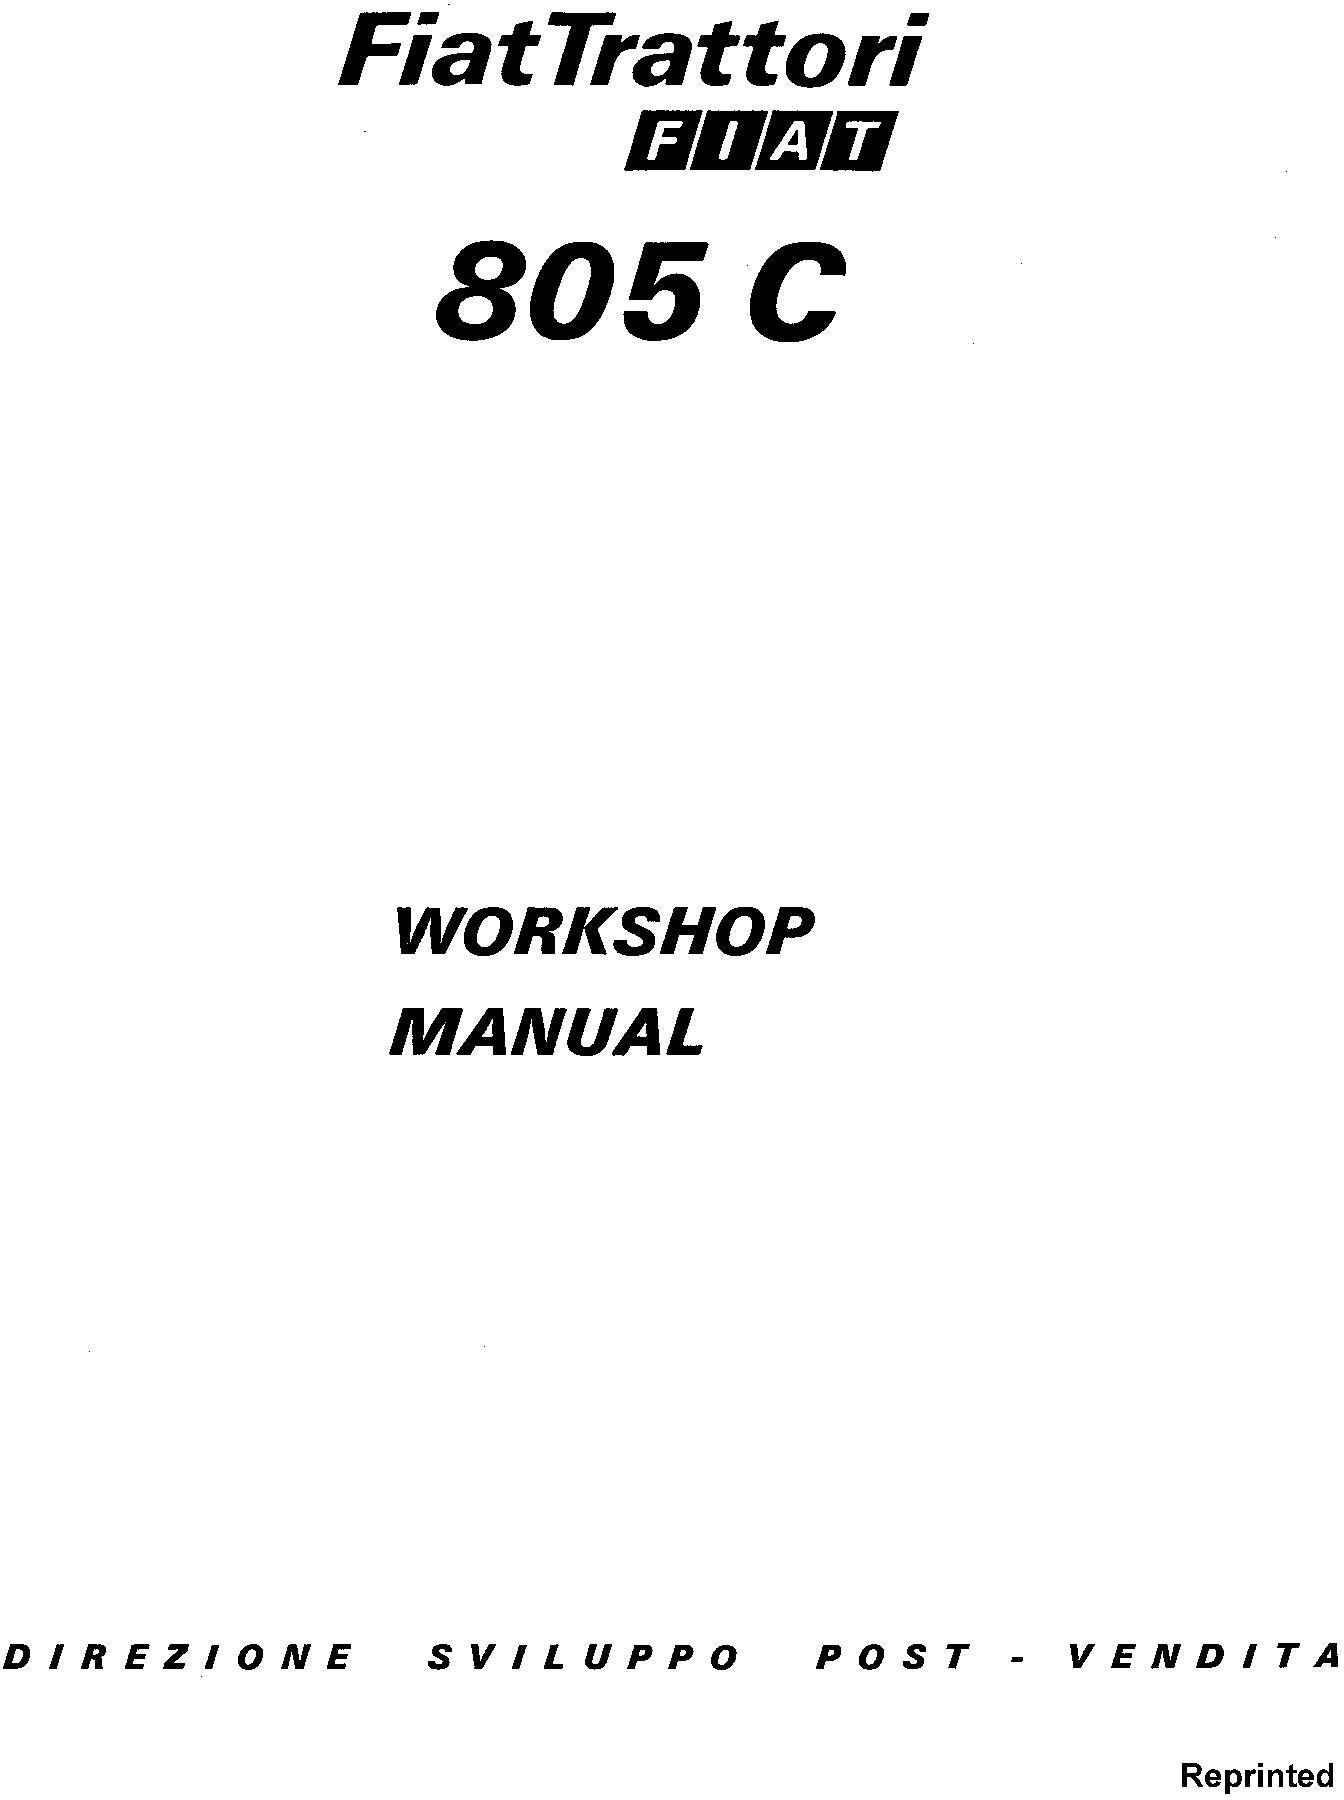 Fiat 805C Crawler Tractors Workshop Service Manual / Deere Technical Manuals